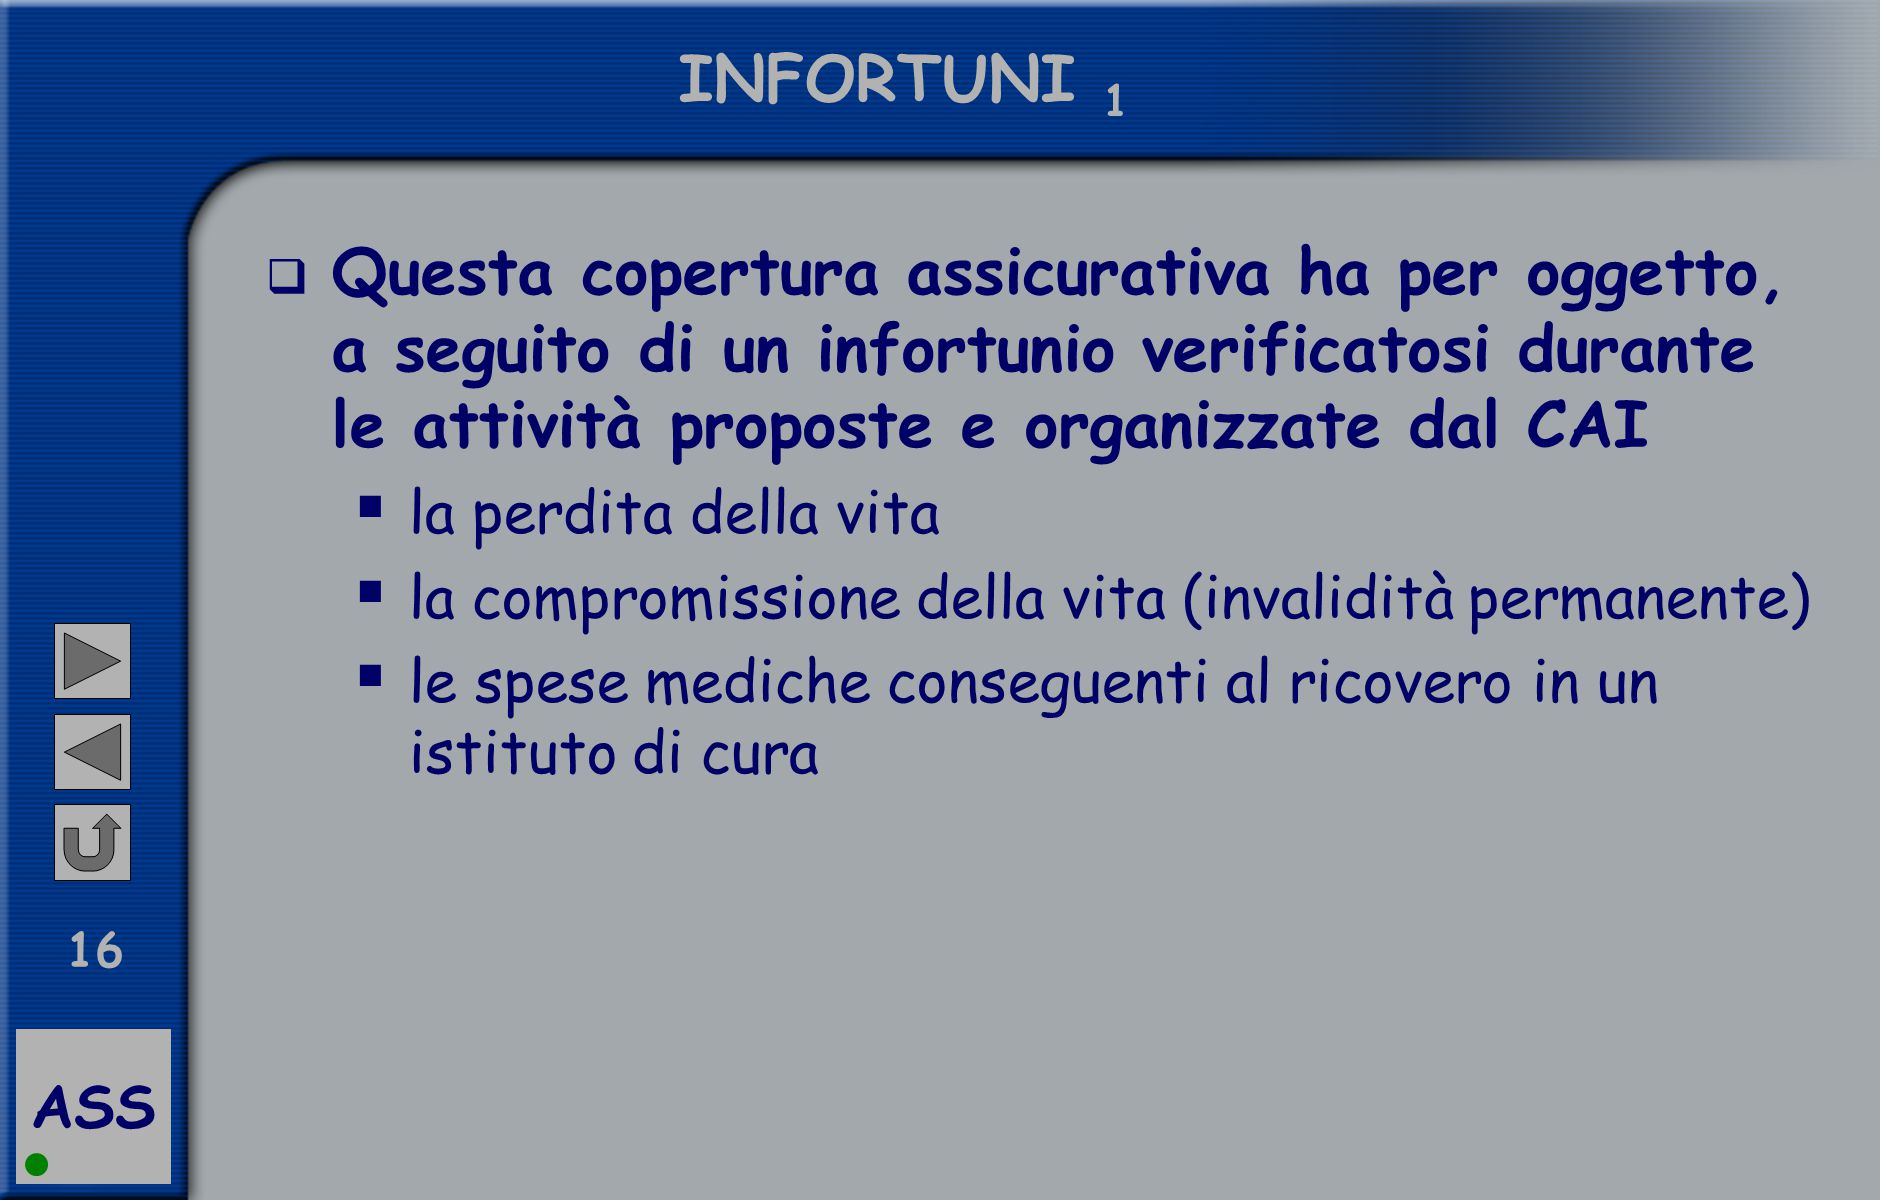 ASS 16 INFORTUNI 1  Questa copertura assicurativa ha per oggetto, a seguito di un infortunio verificatosi durante le attività proposte e organizzate